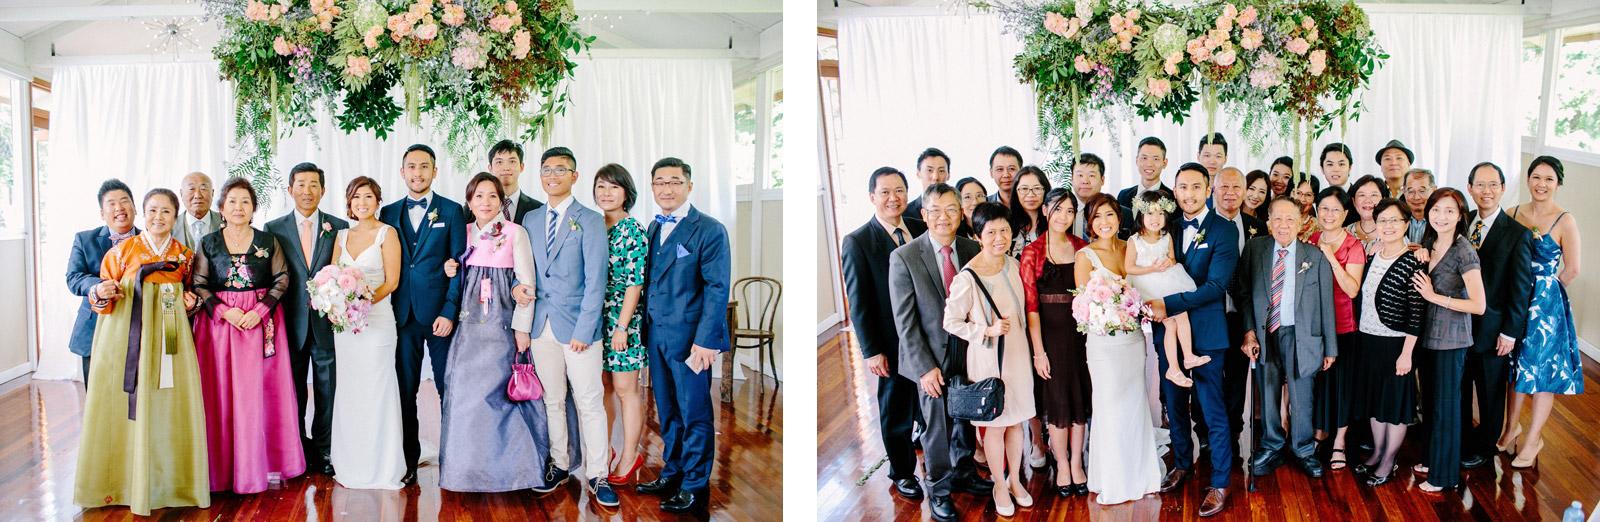 wedding-sonia-kev-060